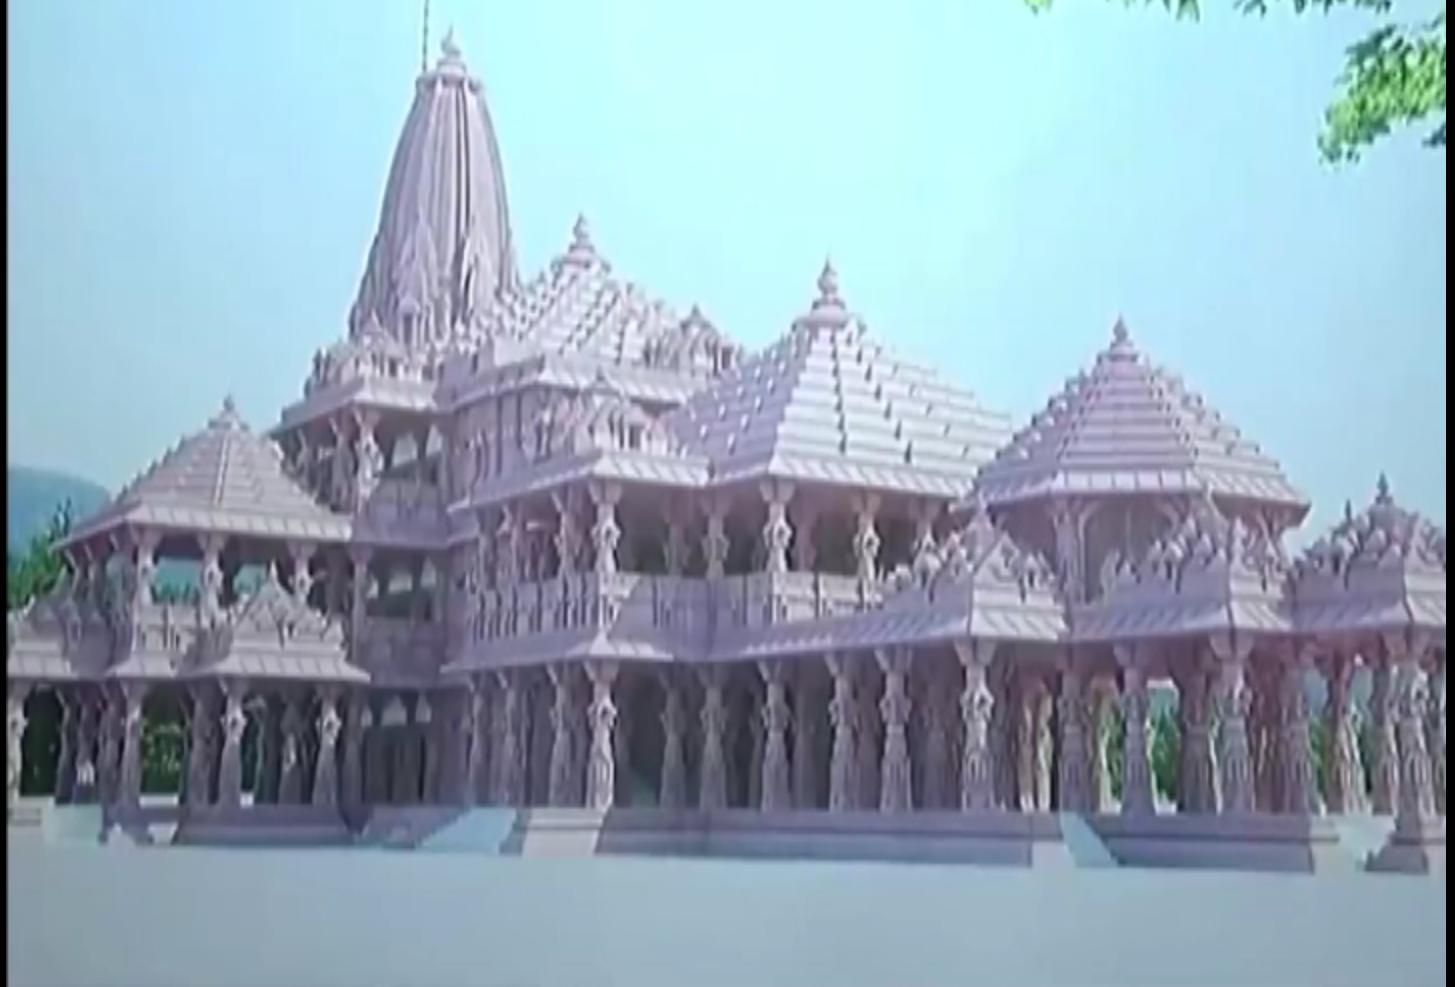 2023 तक अयोध्या में तैयार हो जाएगा राम मंदिर , जानें डिजाइन में क्या हुआ बदलाव